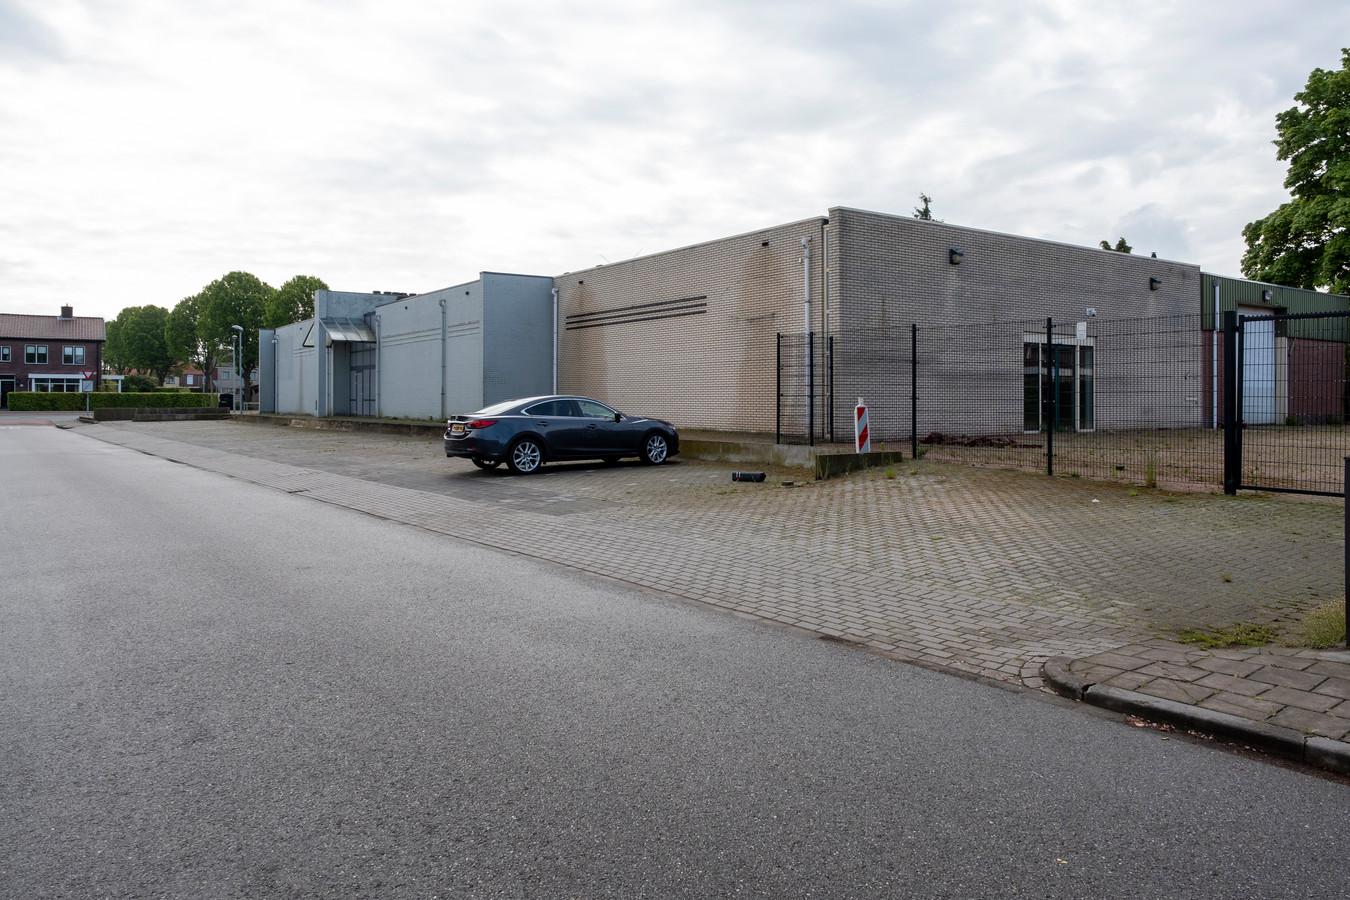 Volgens het ingediende plan wordt voor laden en lossen nagenoeg de huidige inrit gebruikt. Ook komt de in- en uitgang van parkeergarage aan de kant van de Brinkstraat.